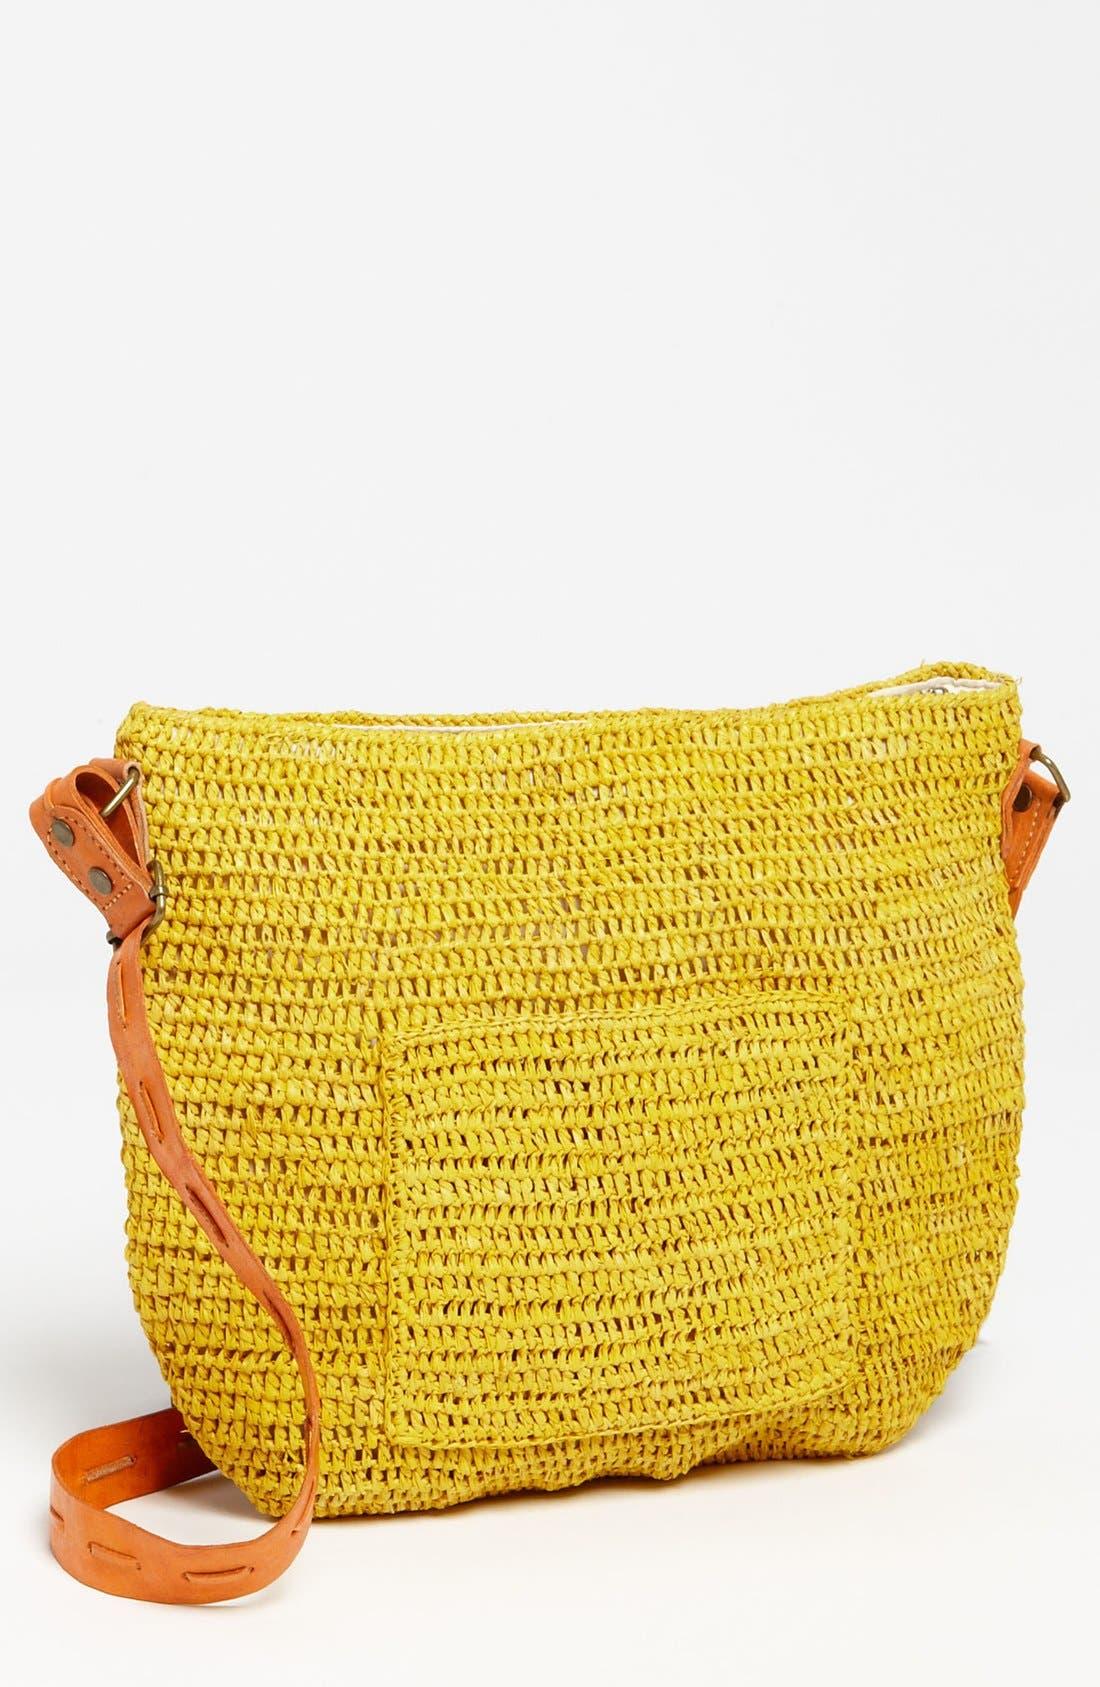 Main Image - Mar y Sol 'Sydney' Crocheted Crossbody Bag